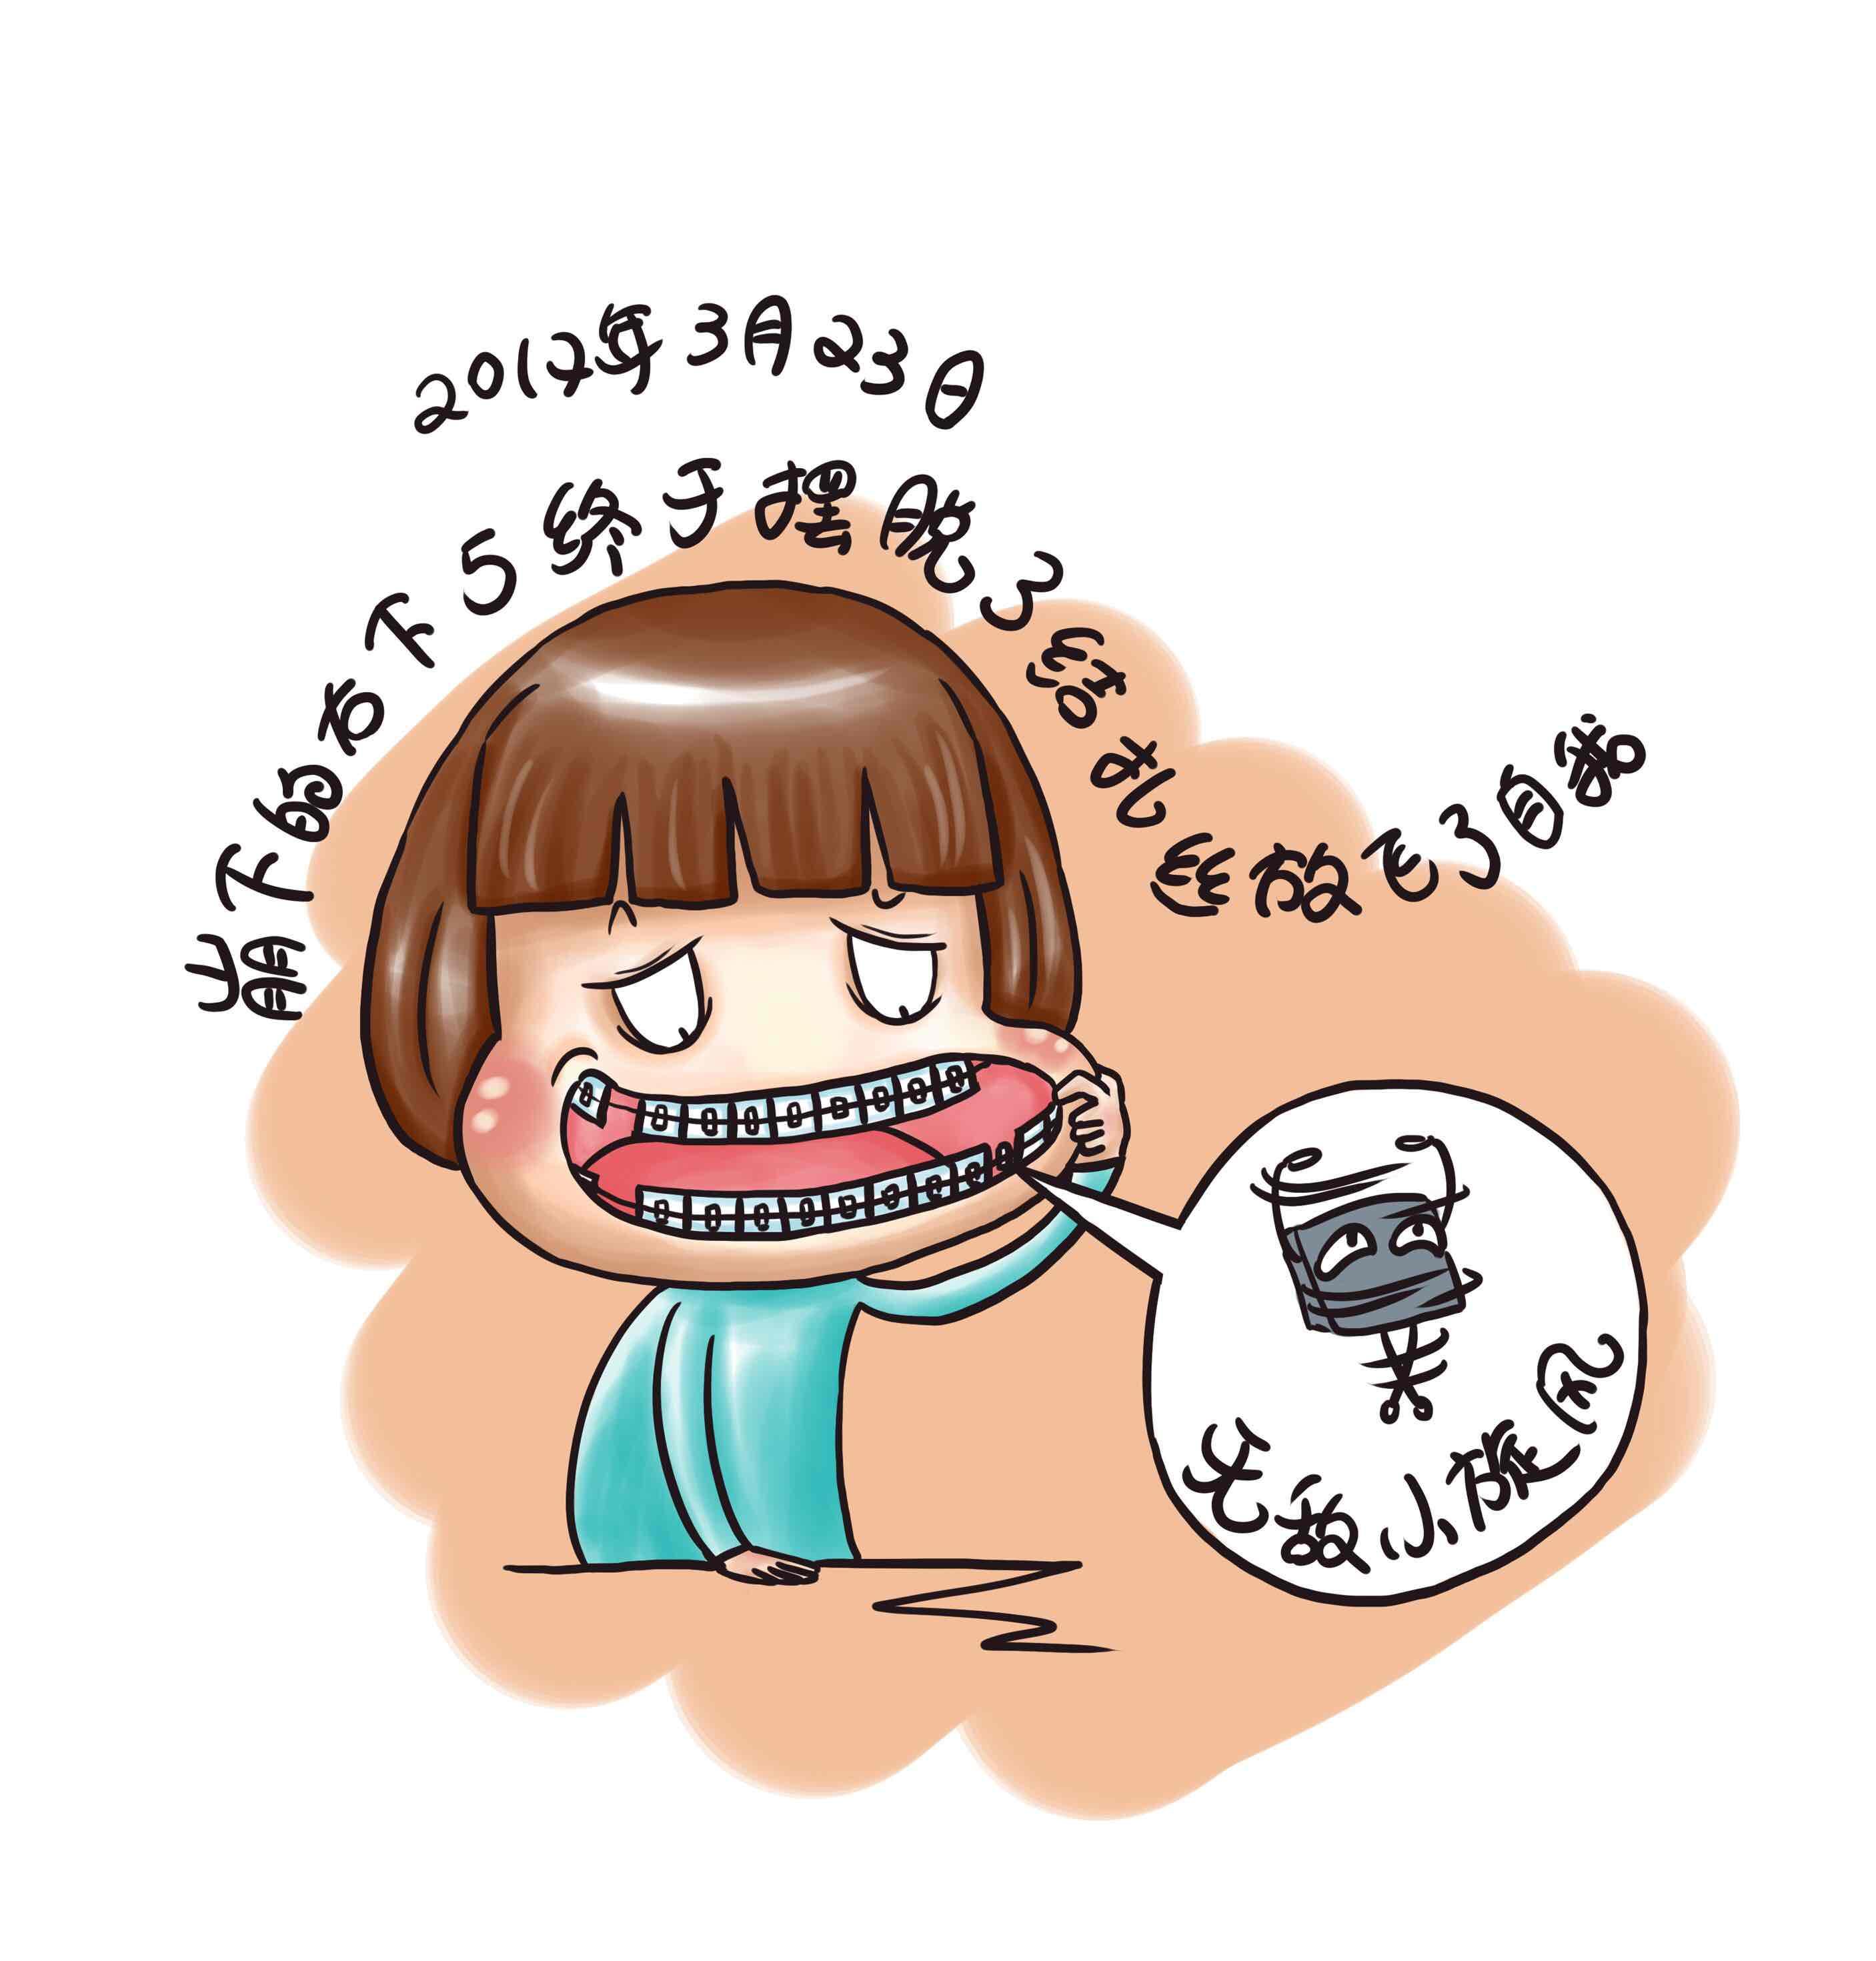 戴牙套(戴托槽)后注意事项7215图片